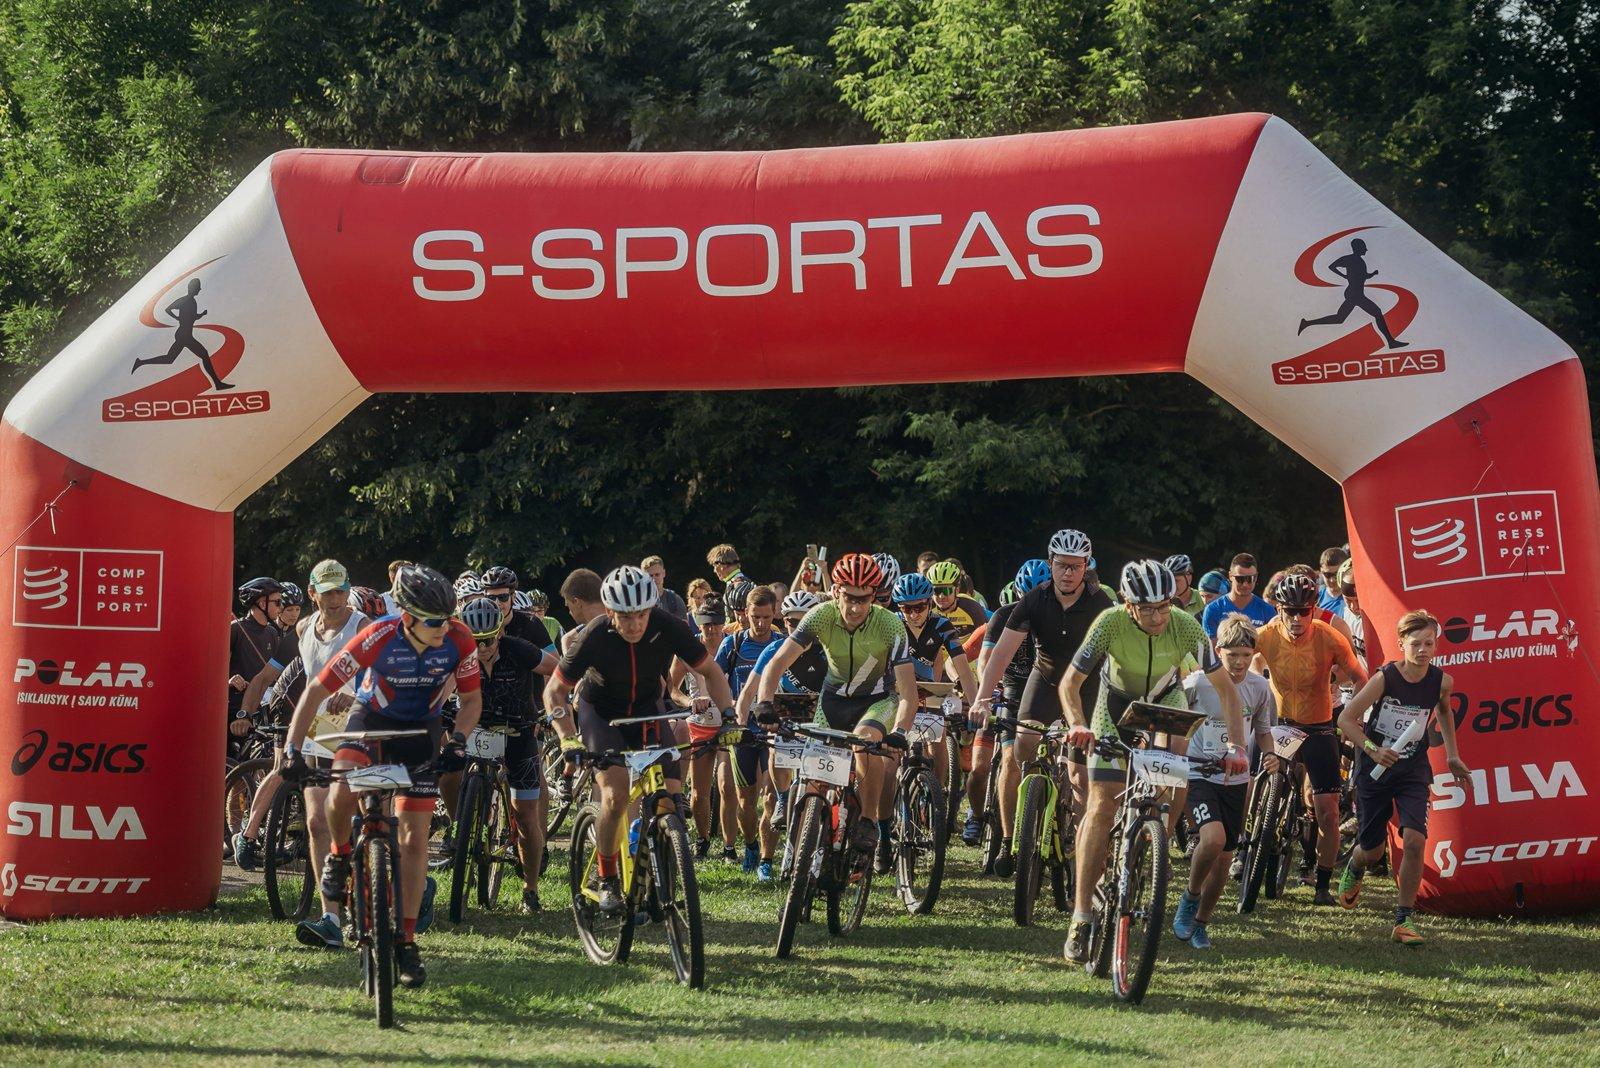 Ukmergės fabrikų kroso taurės III etape varžėsi 69 komandos